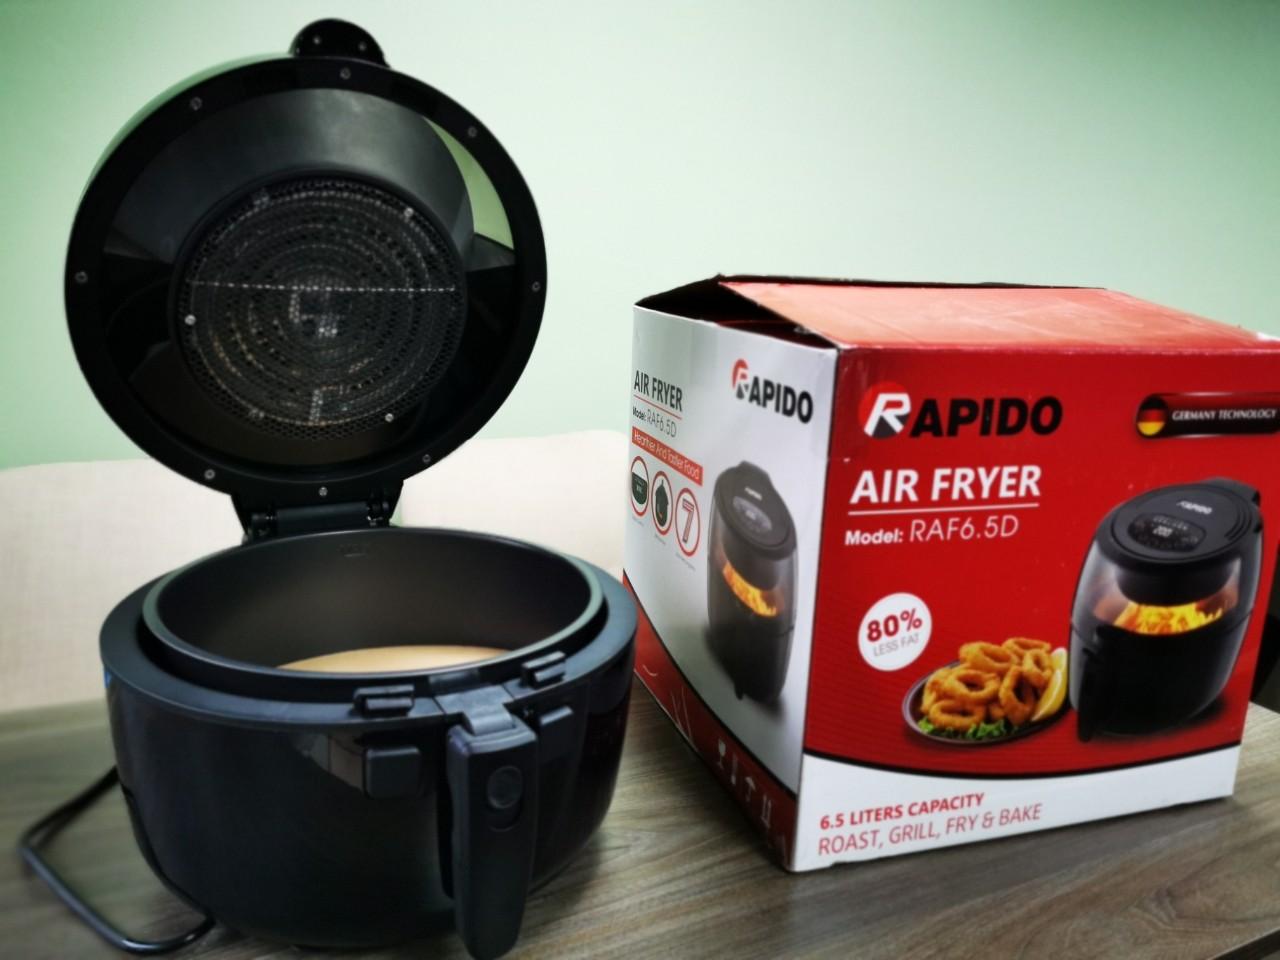 Nồi chiên không dầu Rapido RAF6.5D (Điều khiển điện tử) - Hàng chính hãng - Nồi  chiên | SieuThiChoLon.com